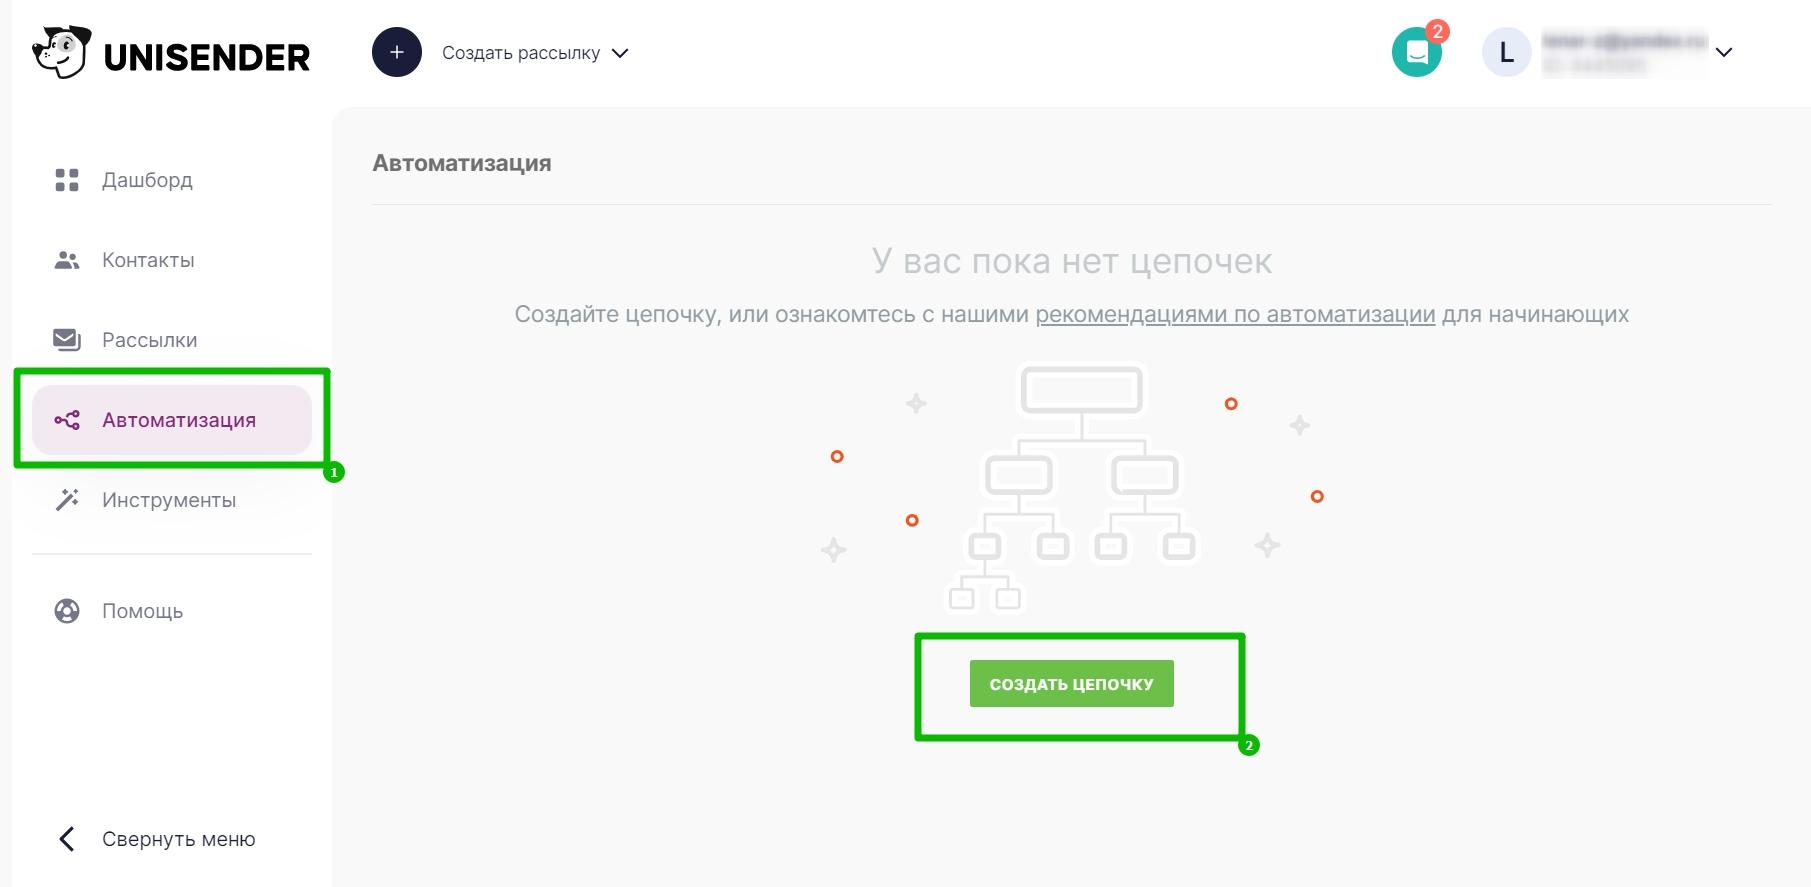 Кнопка «Создать цепочку» в разделе «Автоматизация»